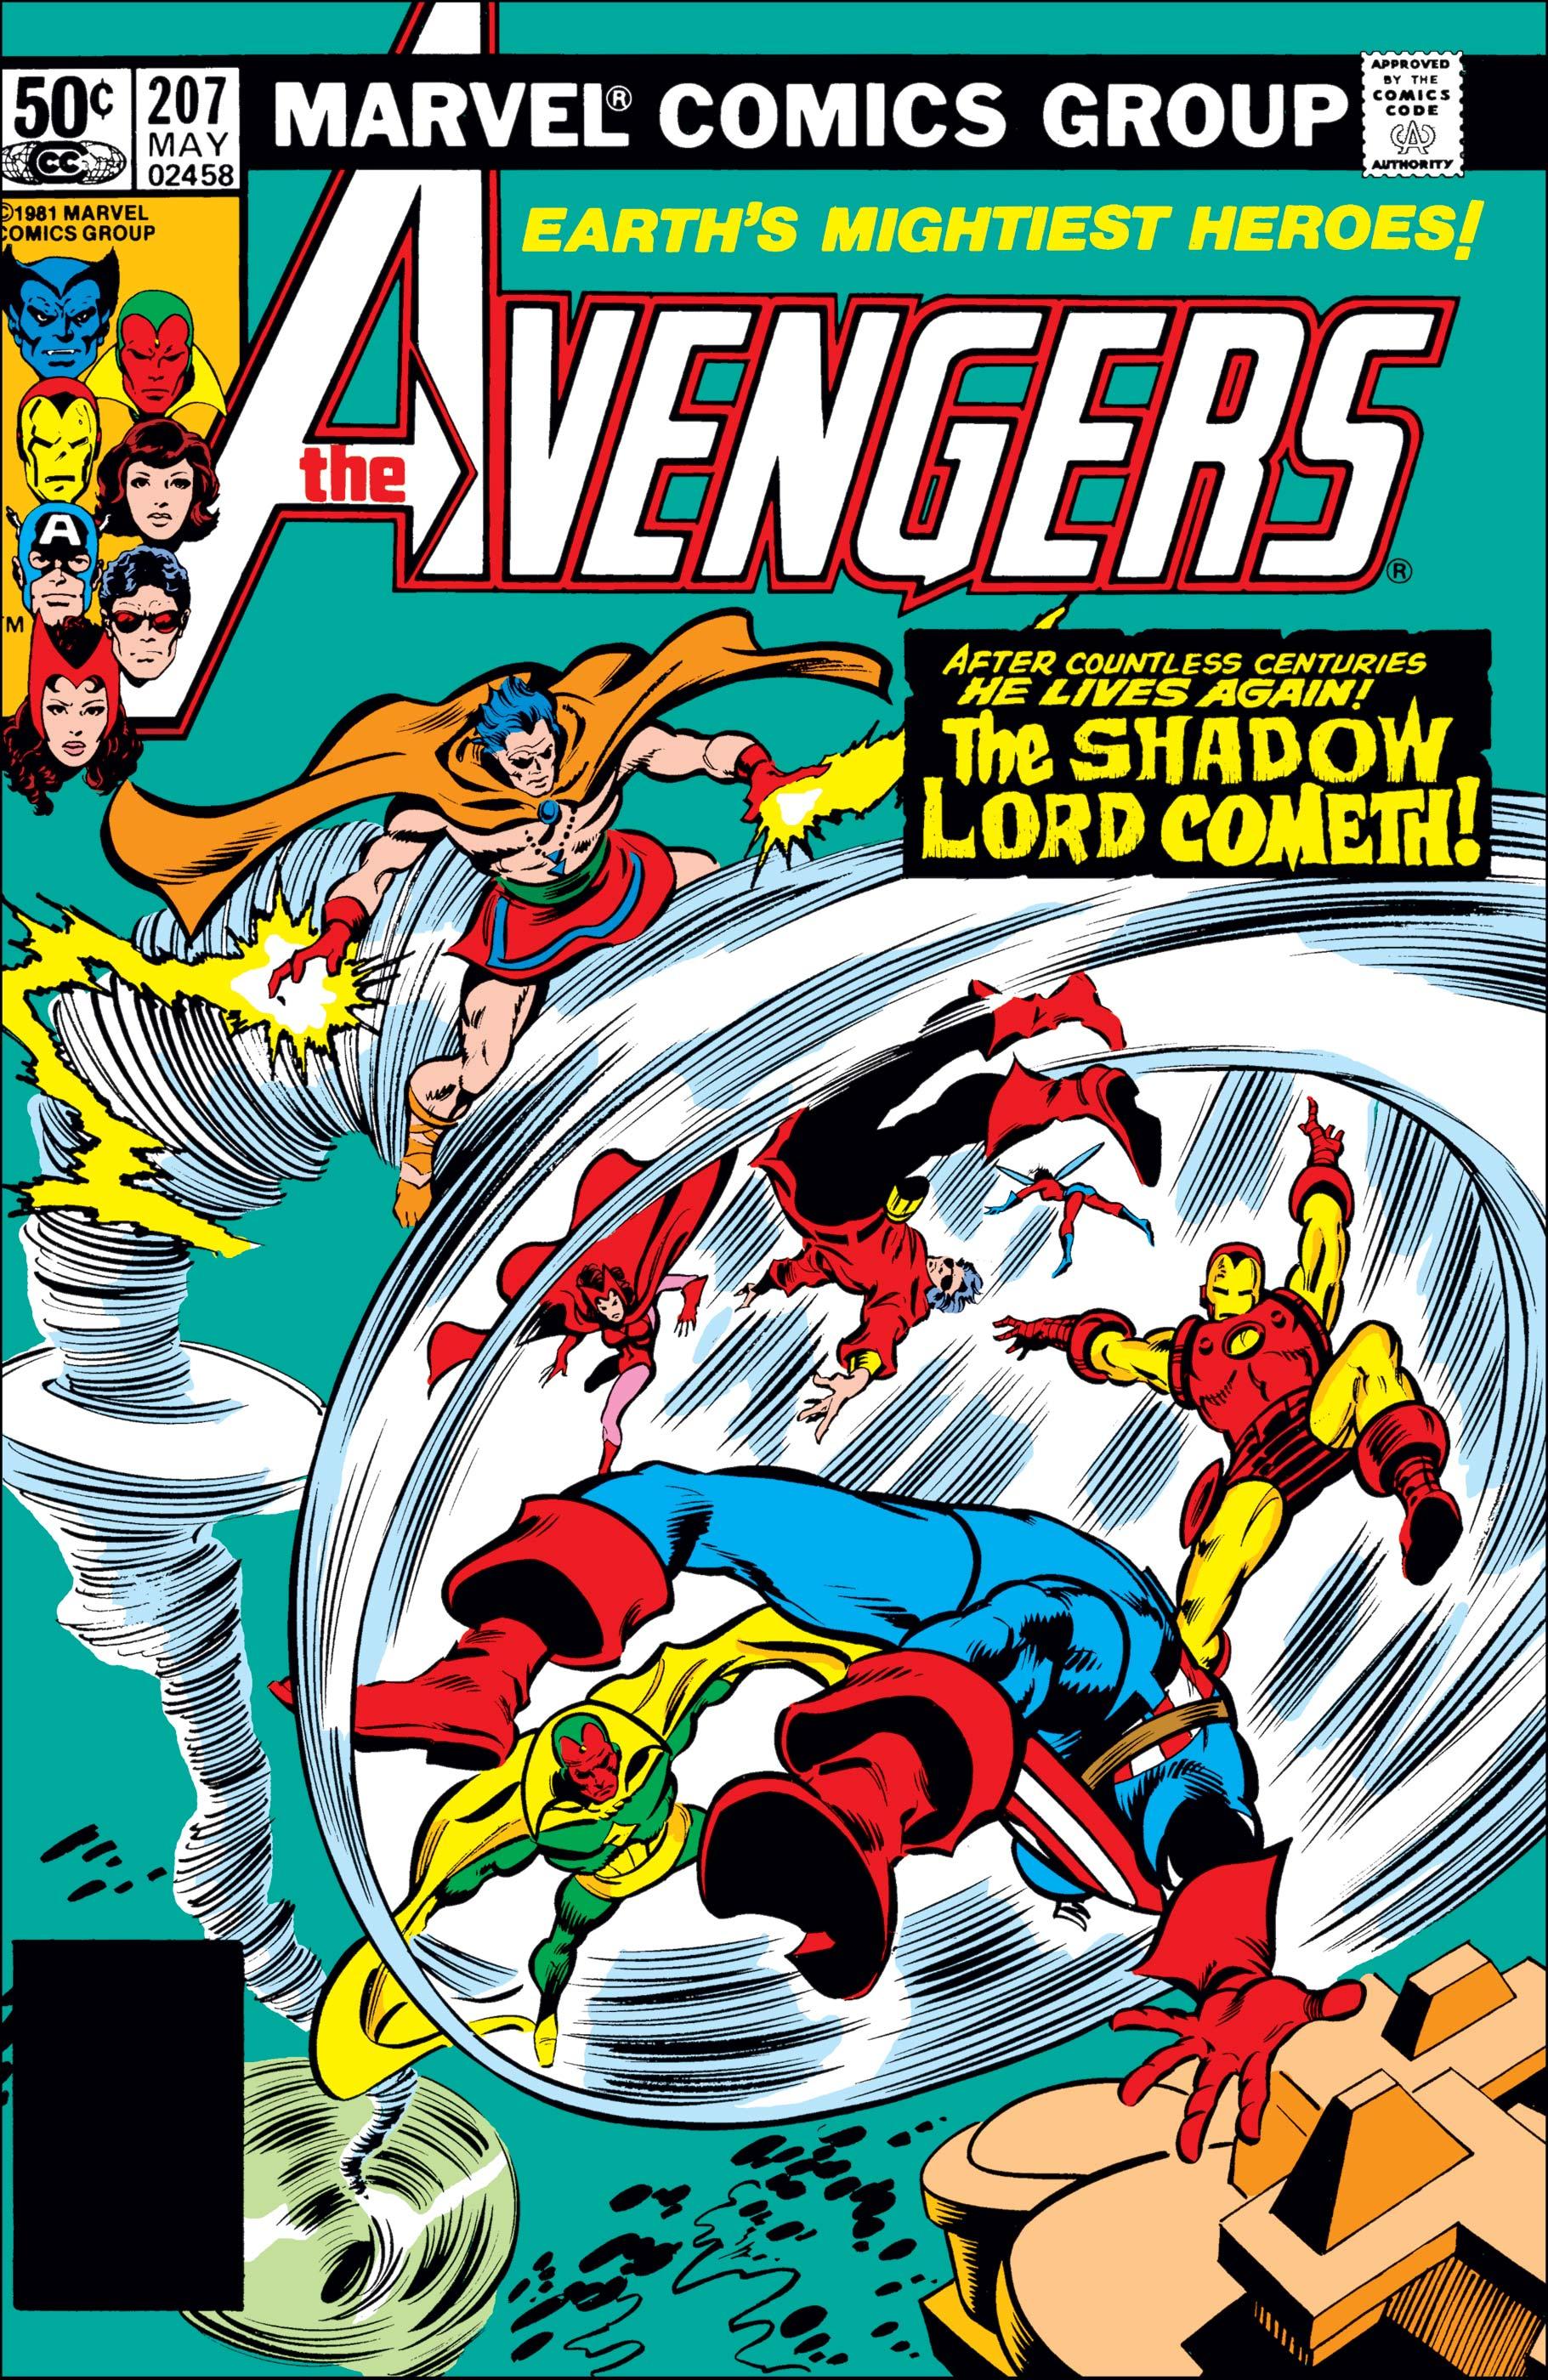 Avengers (1963) #207